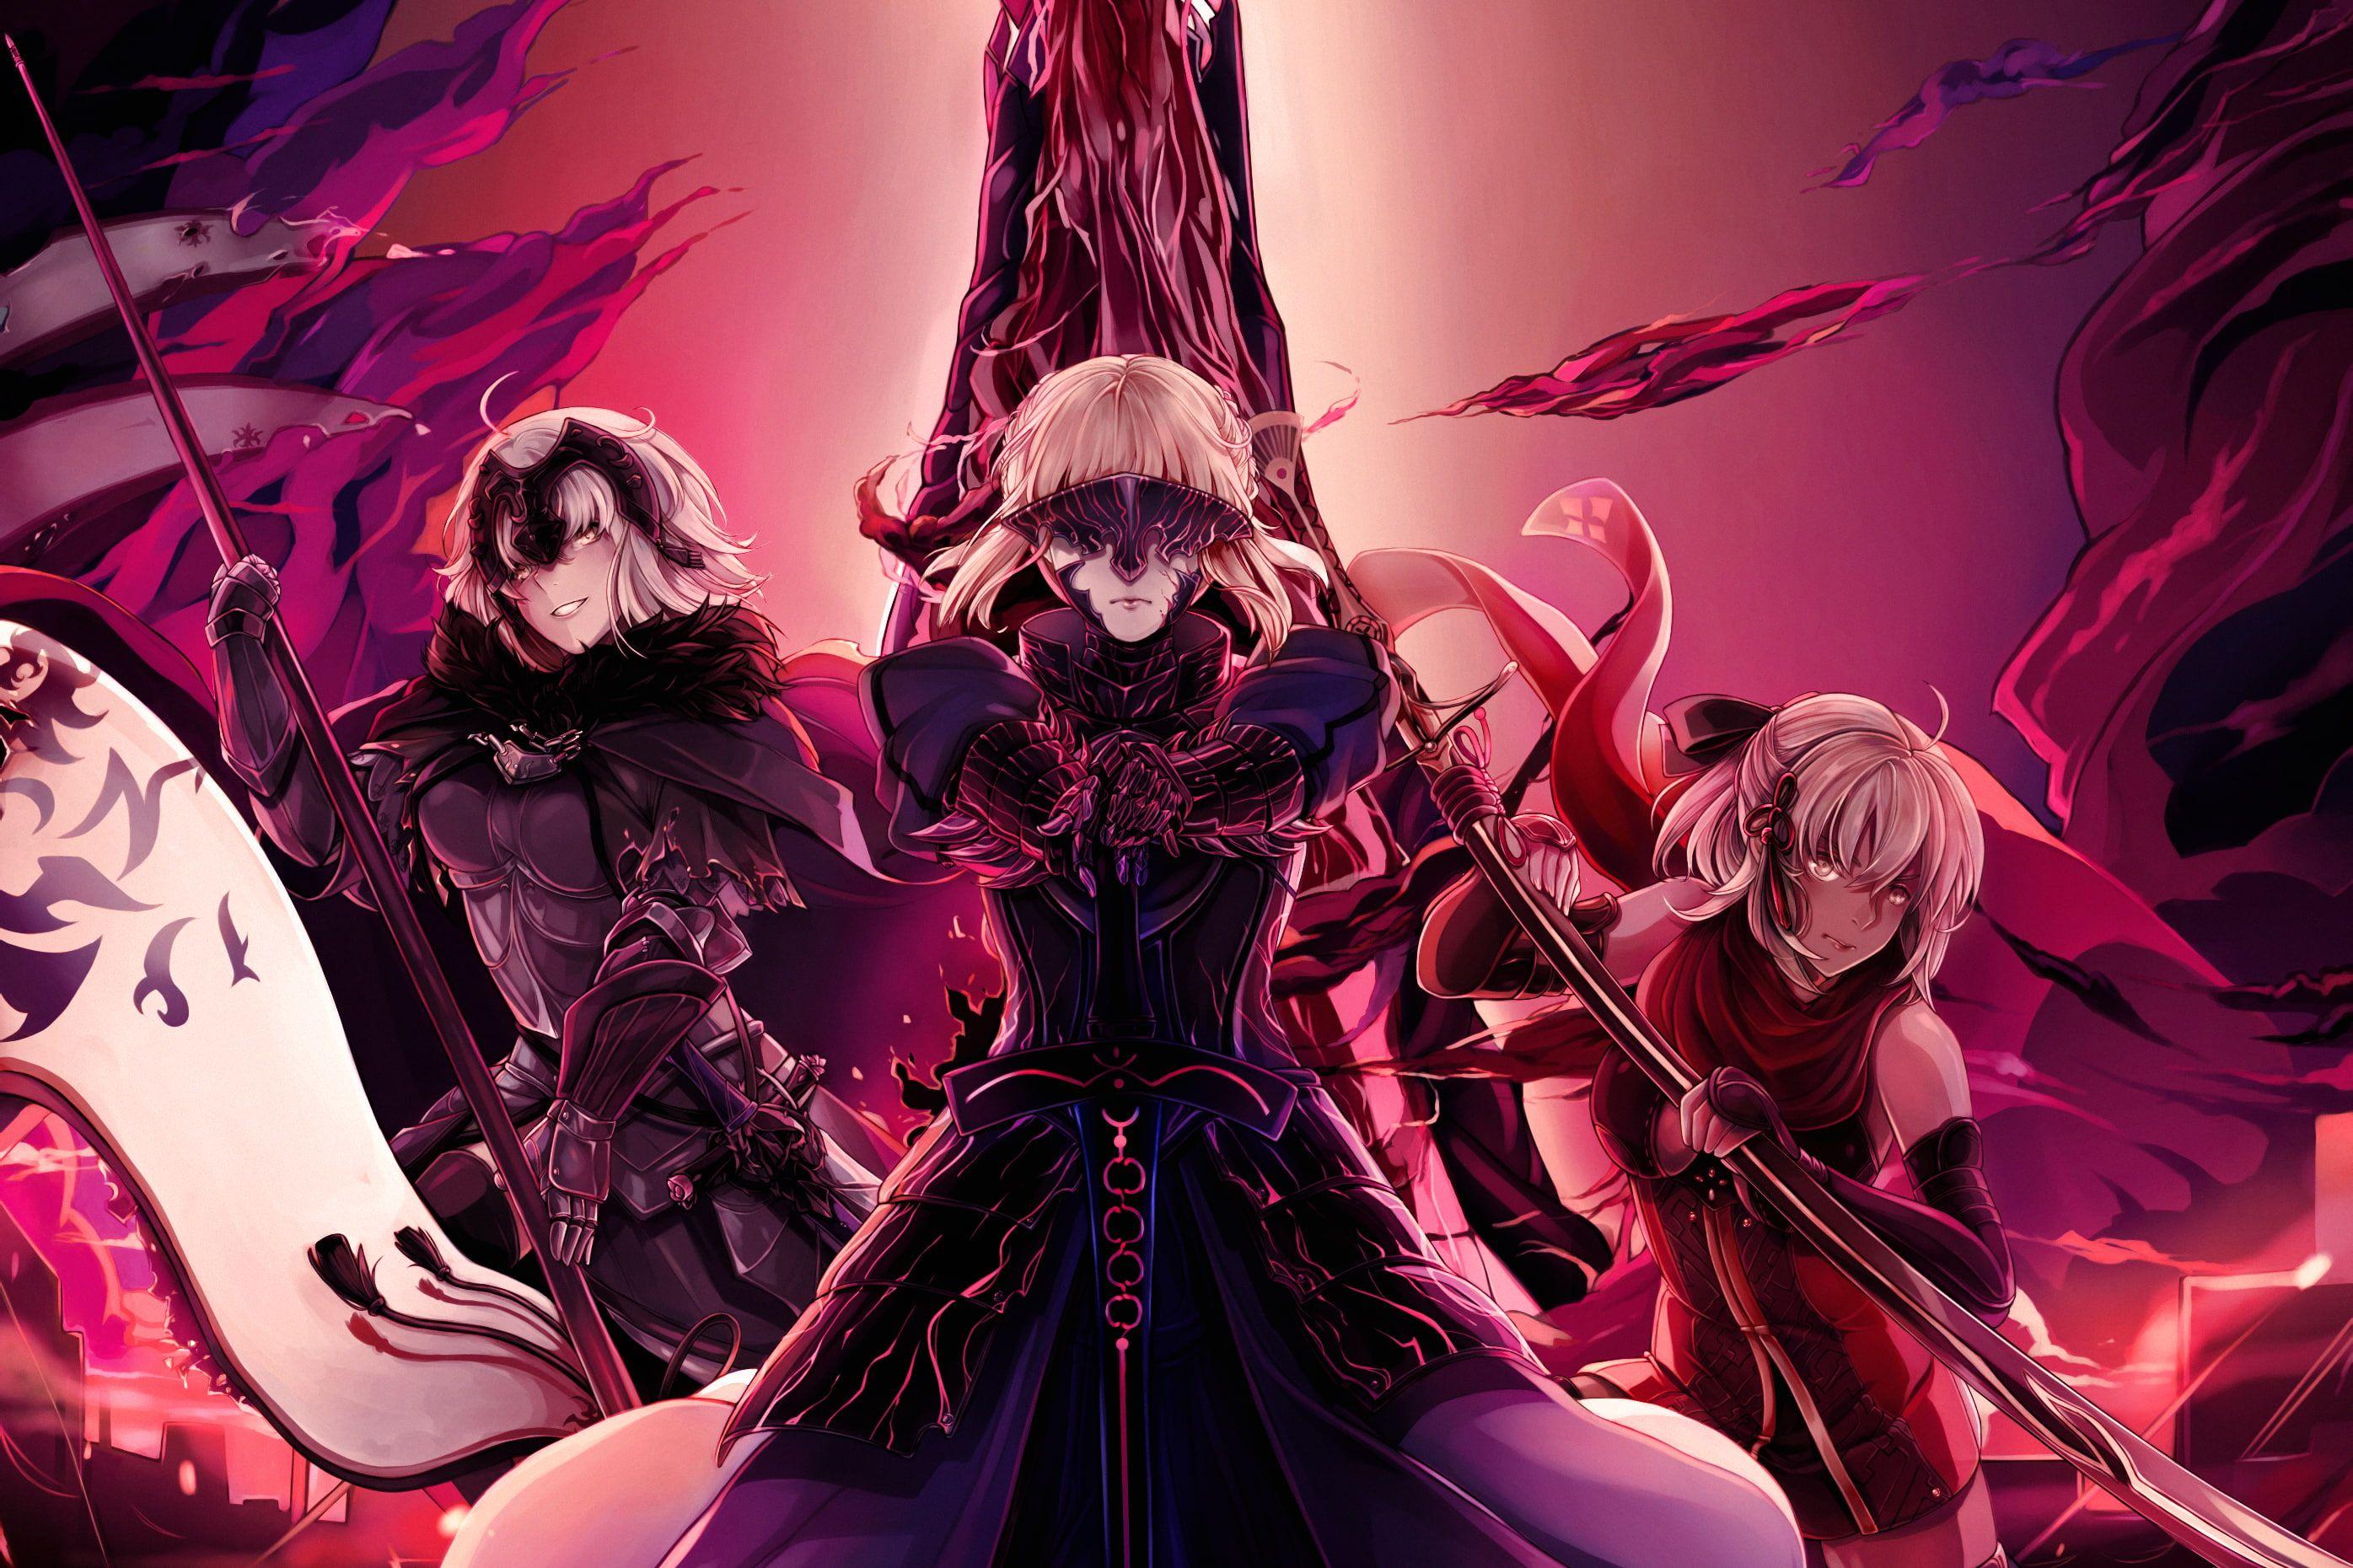 Fate Grand Order Wallpaper Nero Okita Wallpaper Cart